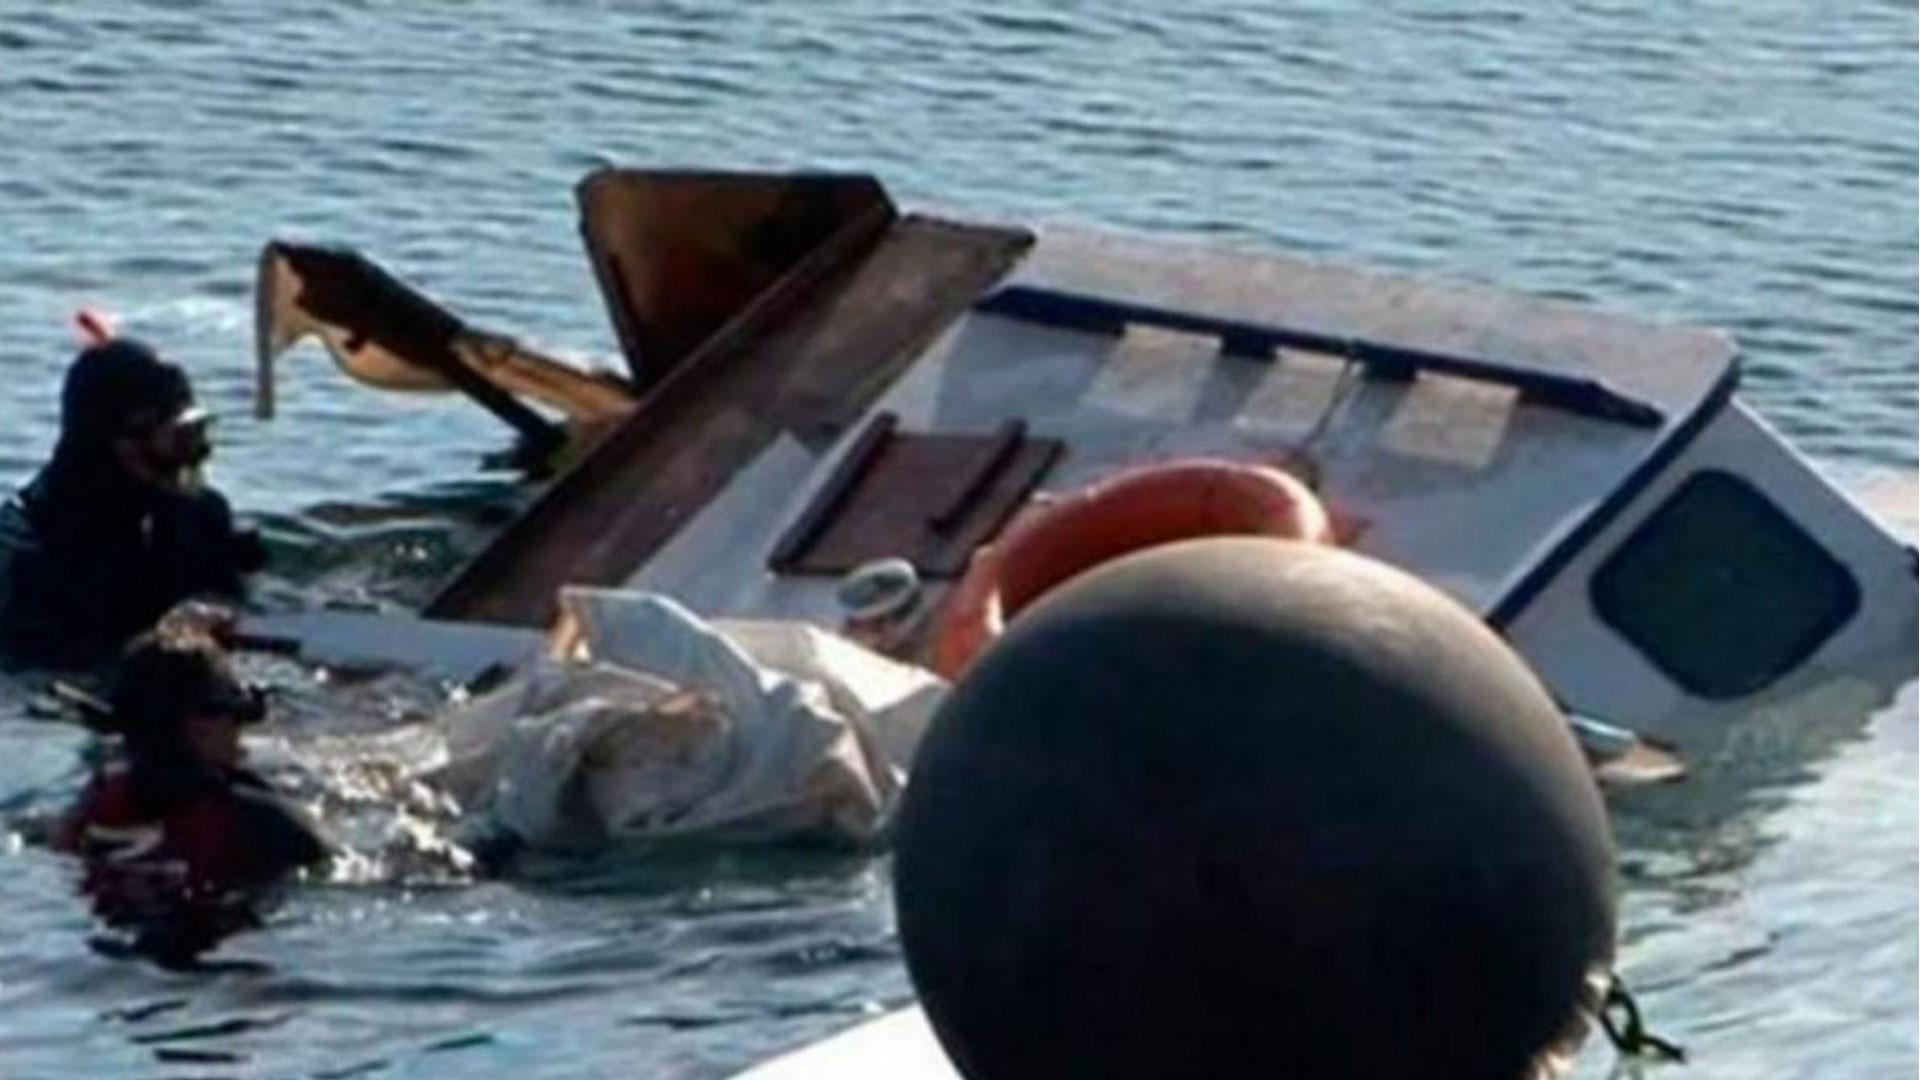 2019 finaliza sin avances en investigaciones de embarcaciones desaparecidas